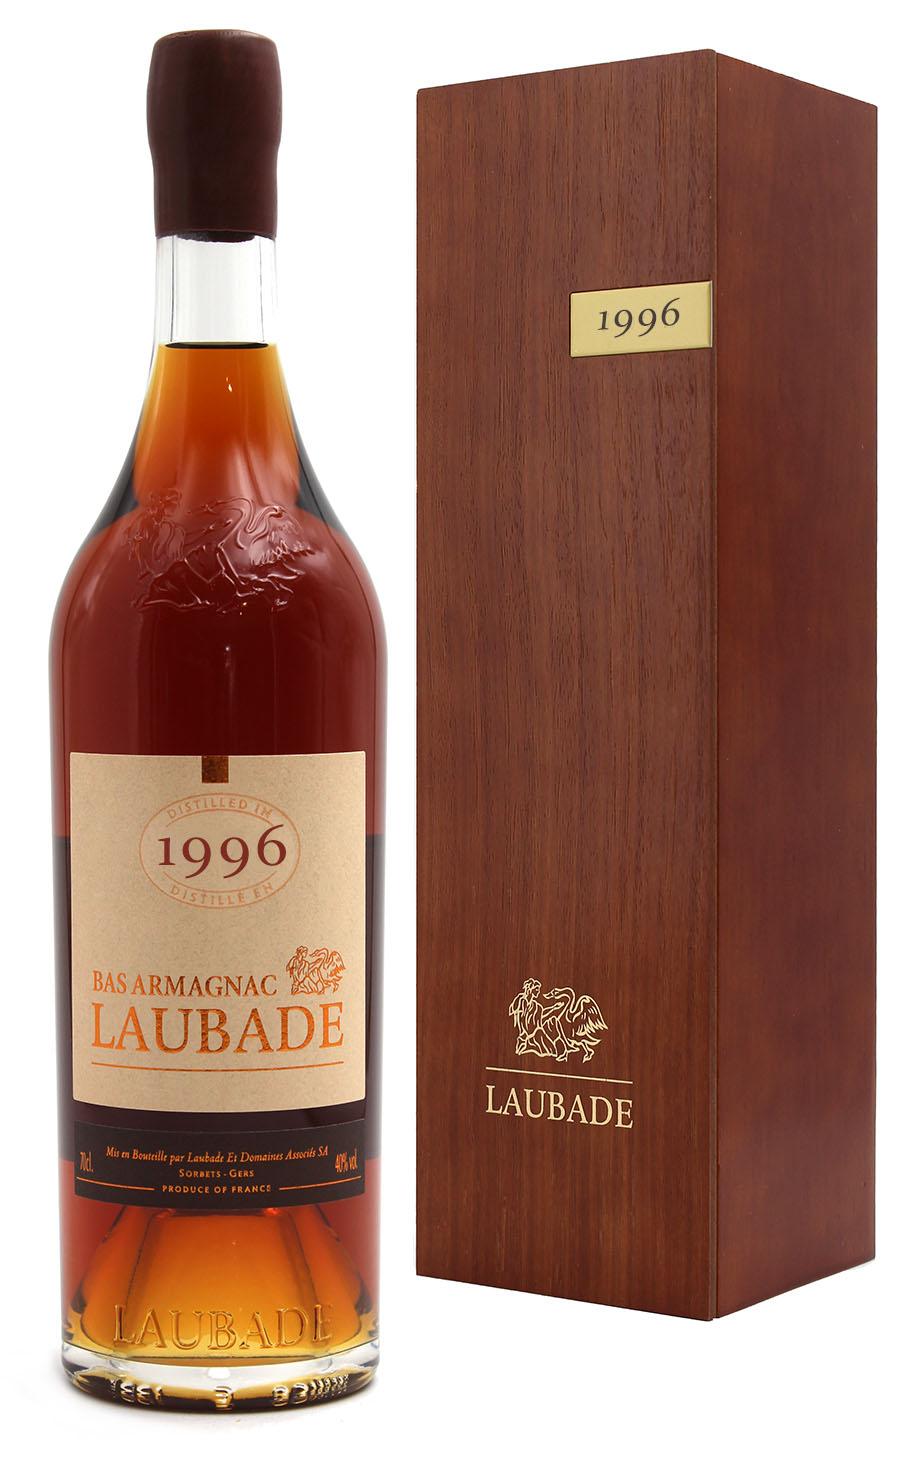 Bas Armagnac Laubade 1996  - 70cl